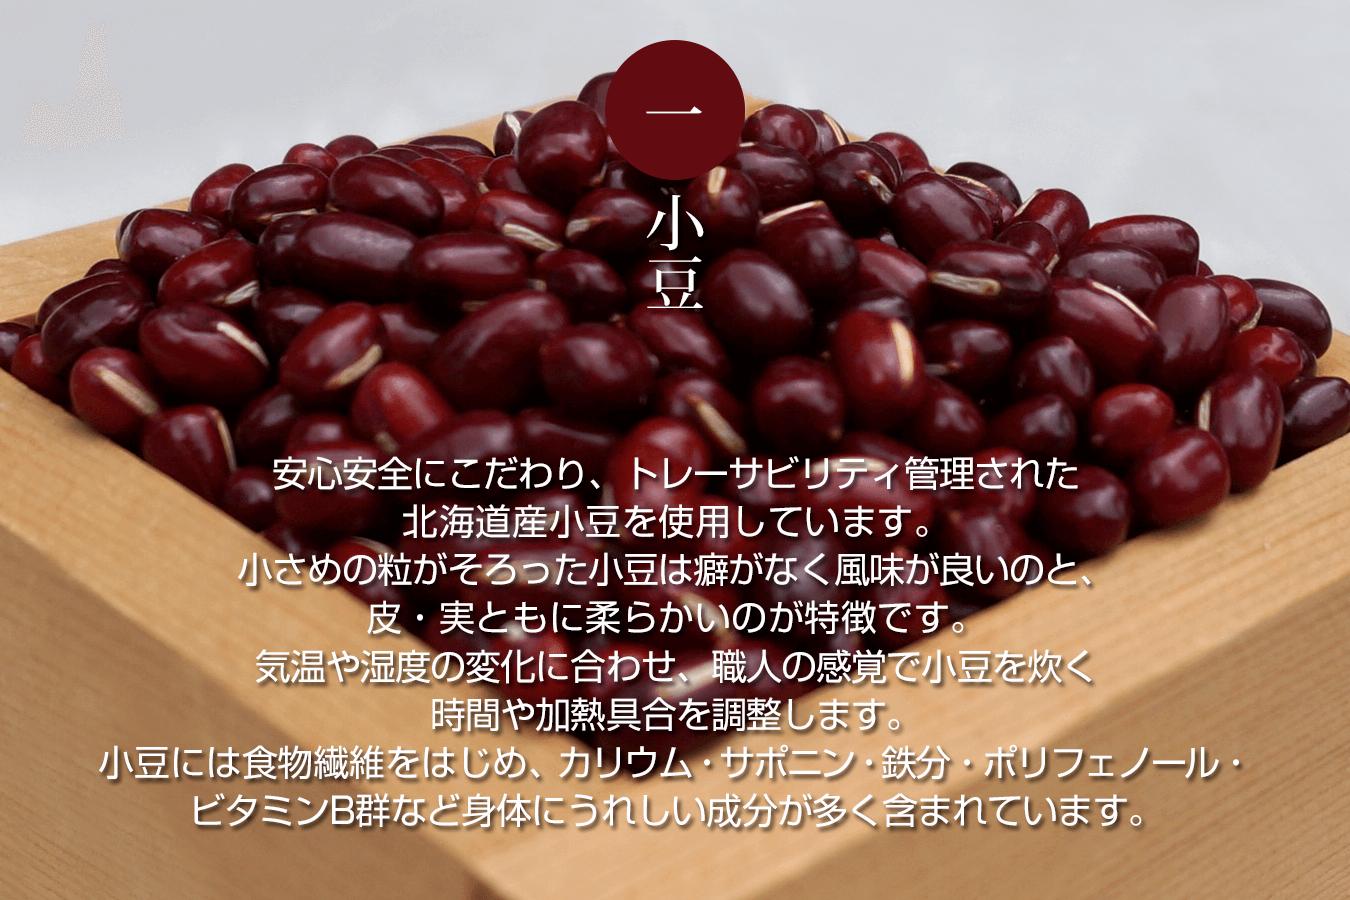 北海道産の小豆